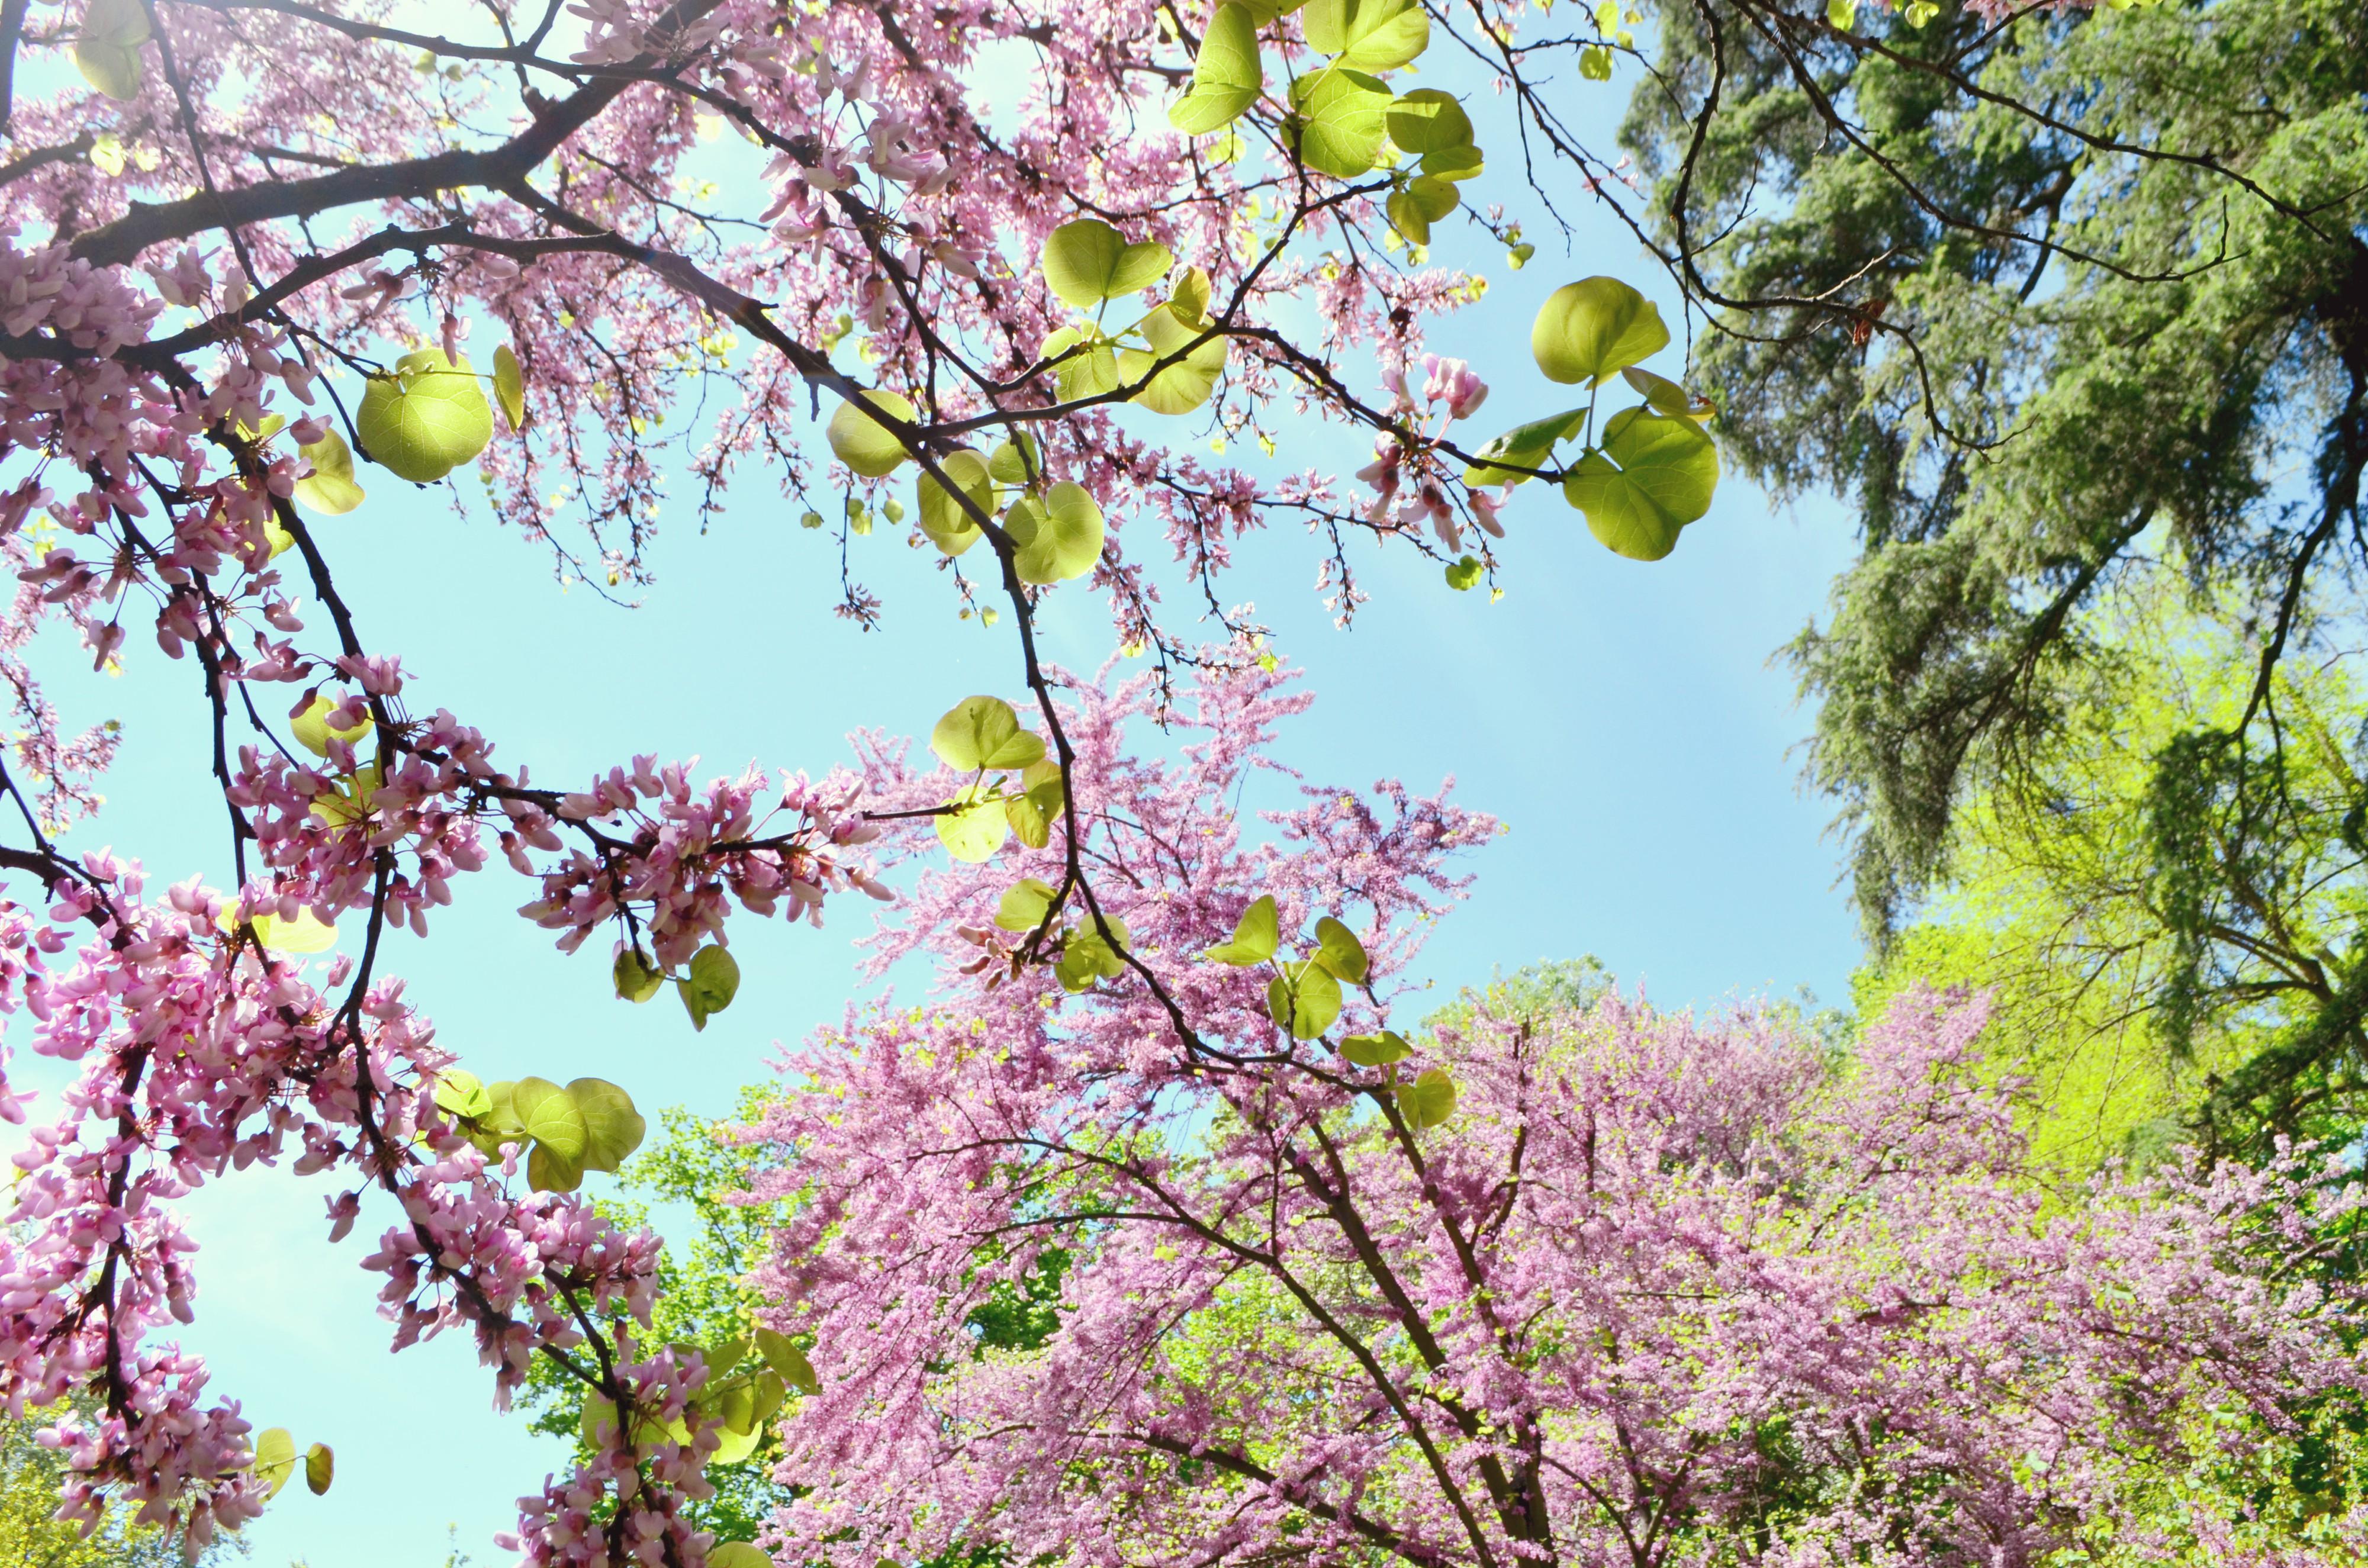 Parque-el-capricho-Madrid-ChicAdicta-influencer-Chic-Adicta-blog-de-moda-spring-spain-flores-rosa-PiensaenChic-Piensa-en-Chic